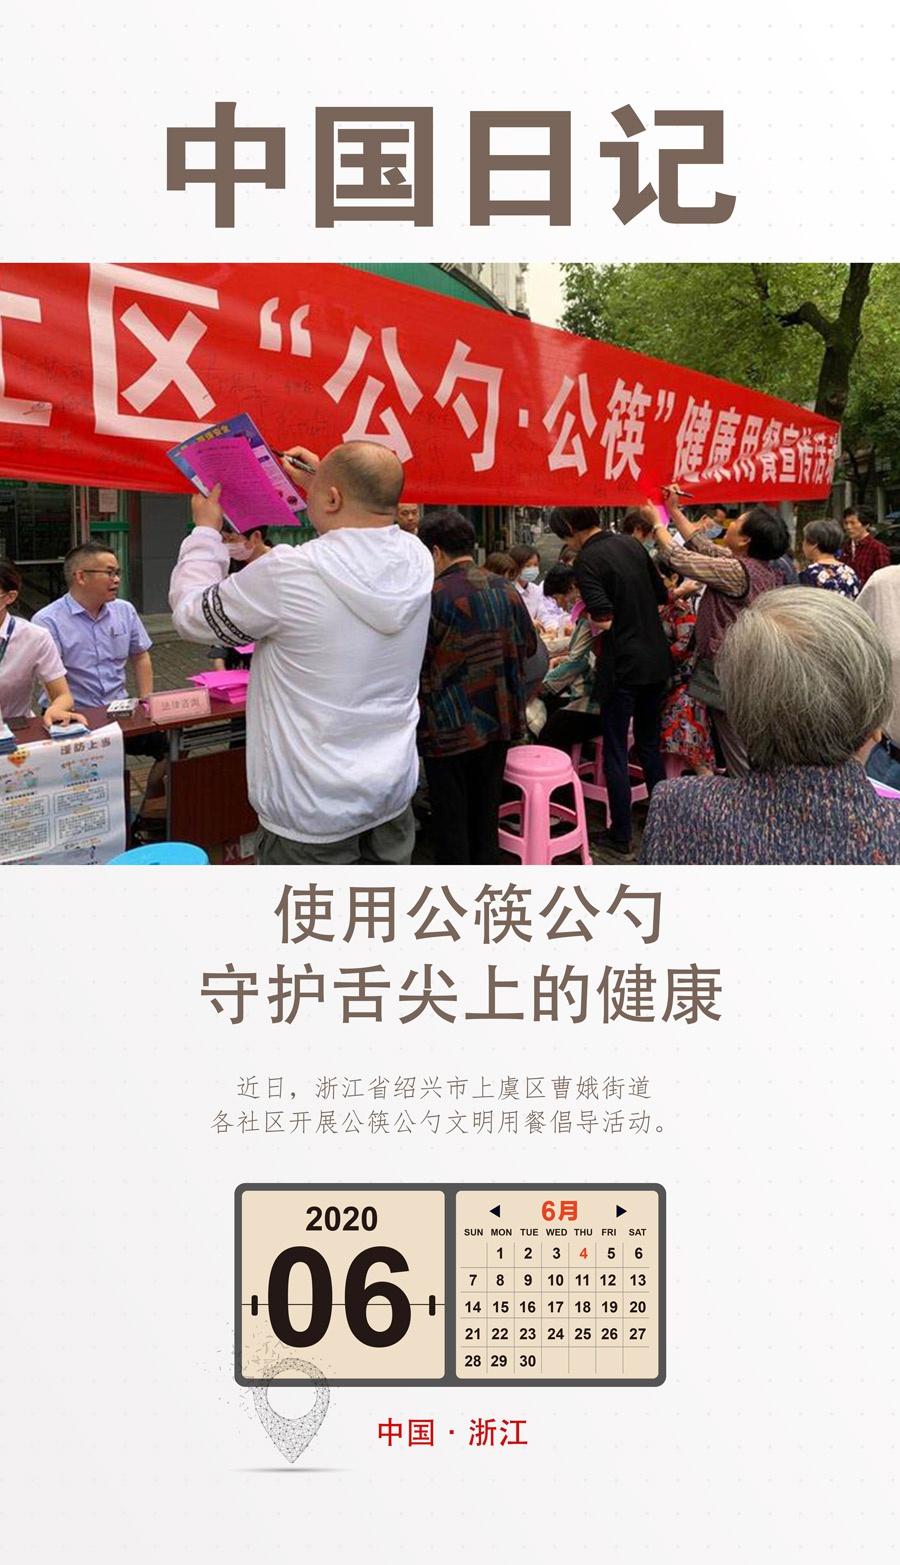 中国日记·6月4日 | 使用公筷公勺守护舌尖上的健康图片